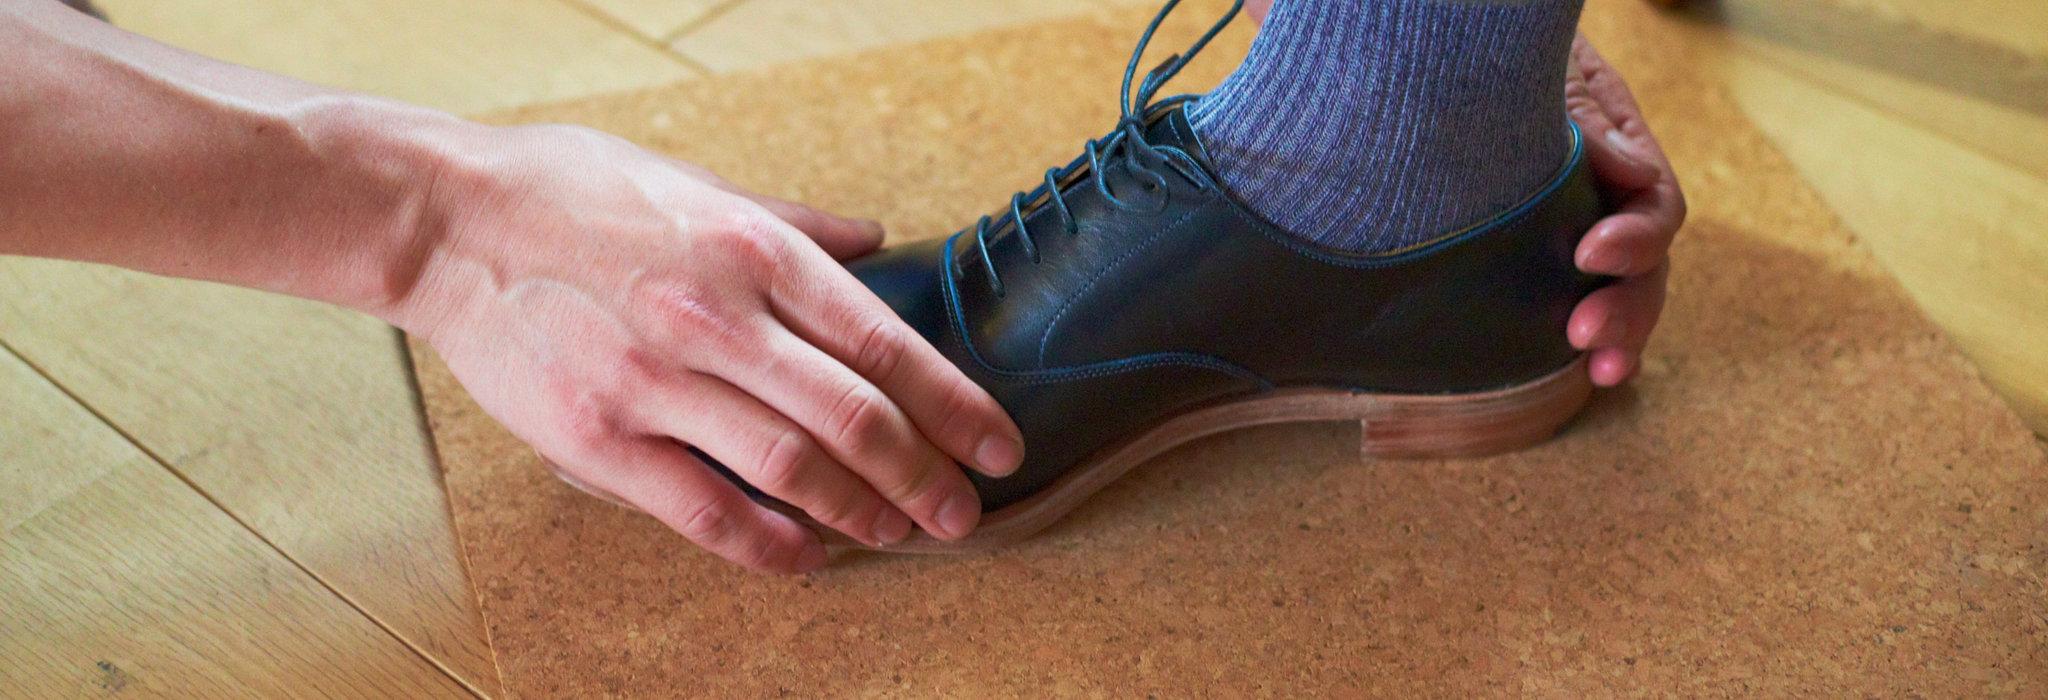 もう革靴のサイズ選びで失敗しない! 試着で確かめたいポイント5点!_image